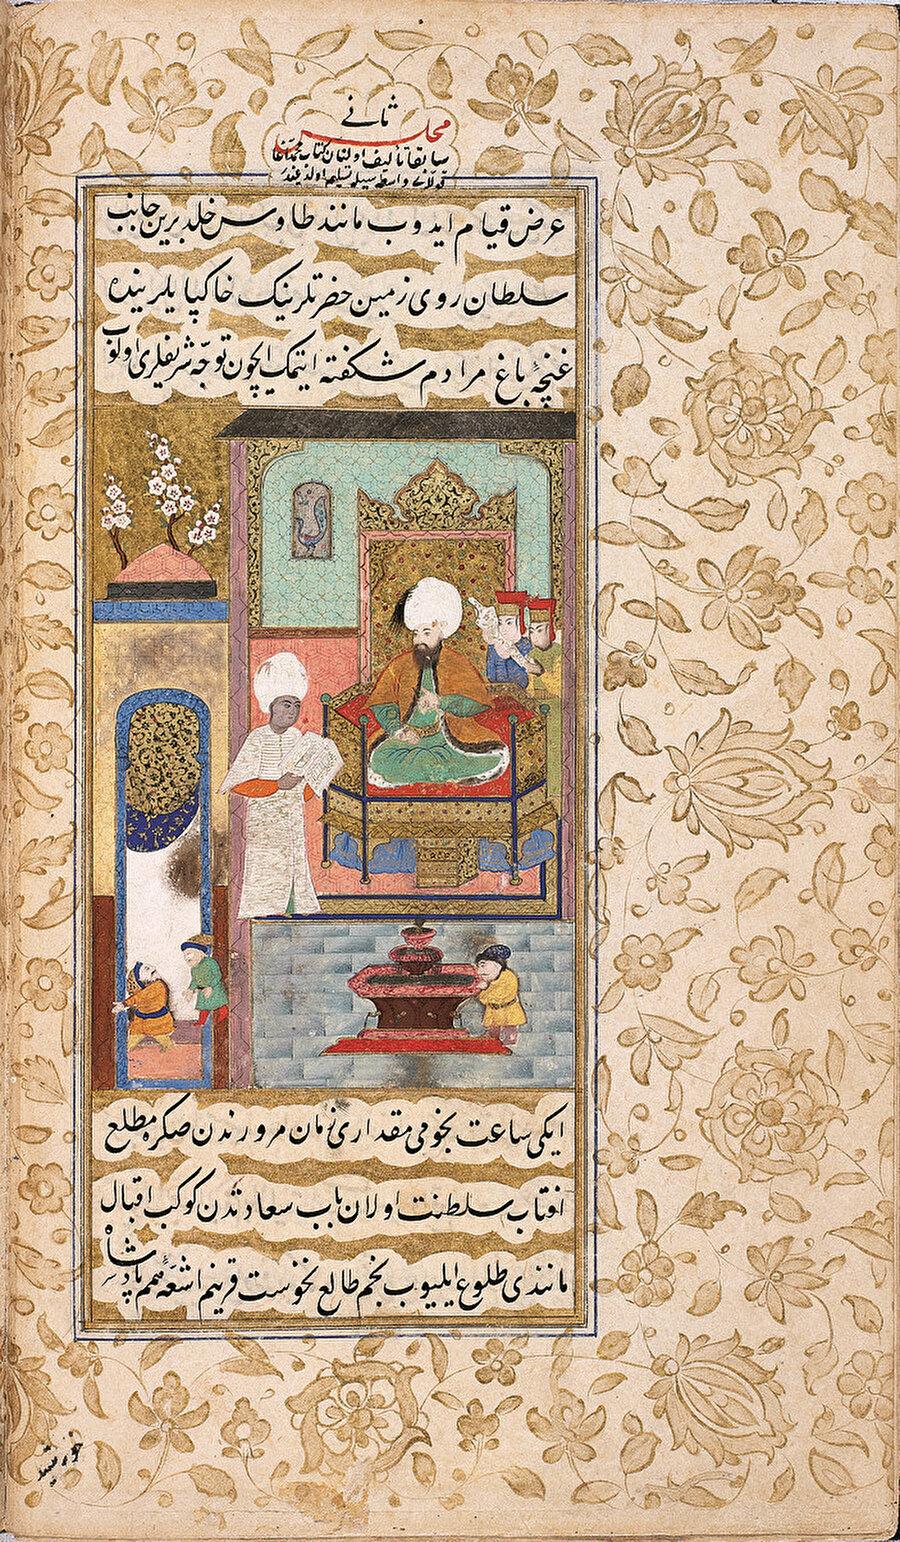 » Habeşî Mehmed Ağa III. Murad'a kitap sunarken Kültür politikalarına da yön veren ağalar pek çok resimli kitapta karşımıza çıkıyor.